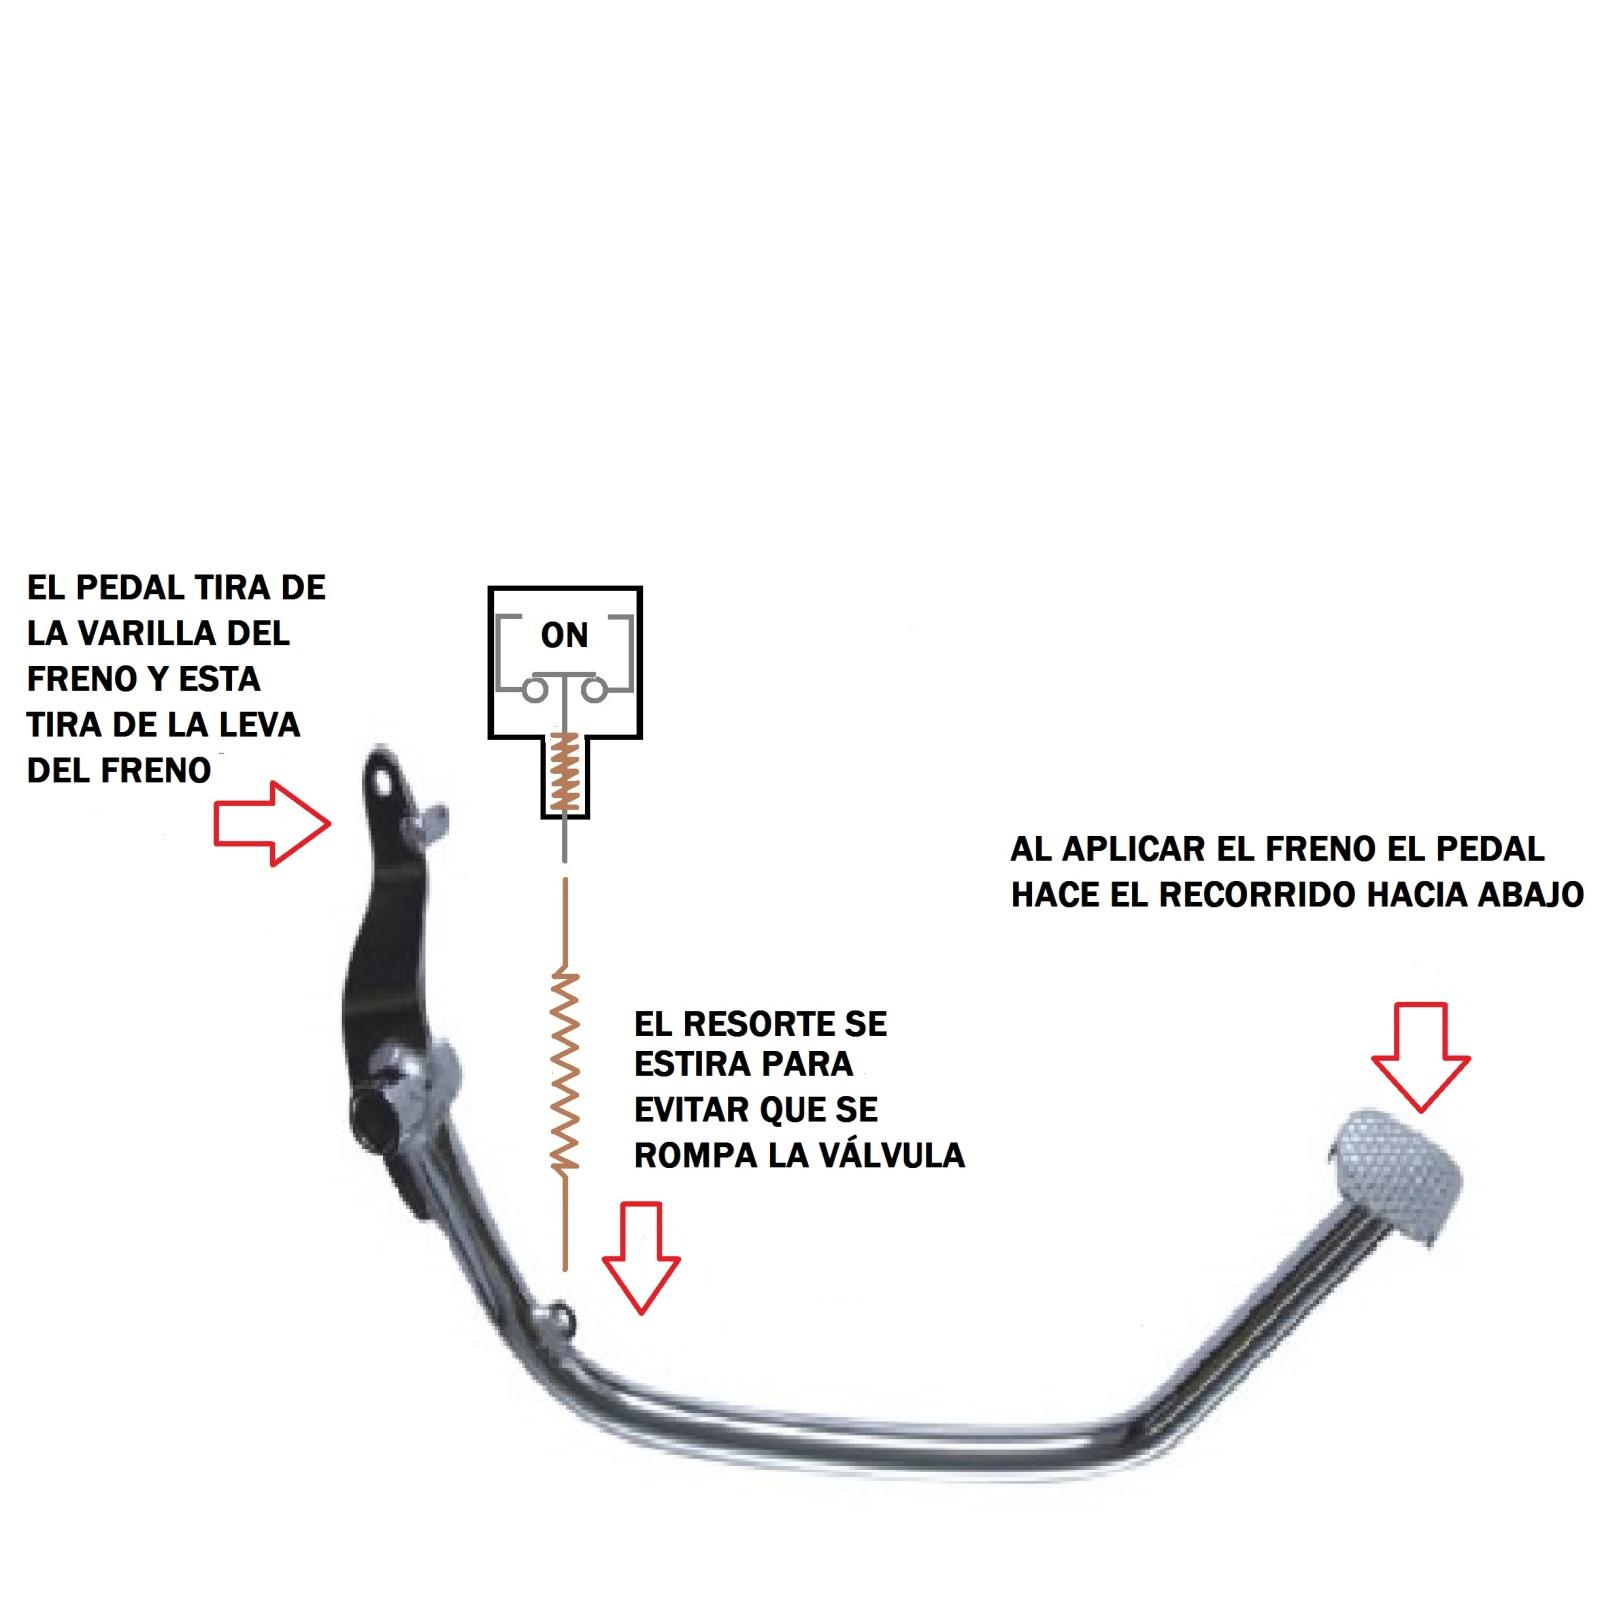 Consulta: ¿Como ajustar la valvula del freno trasero a Owen GS? Ofvvgo